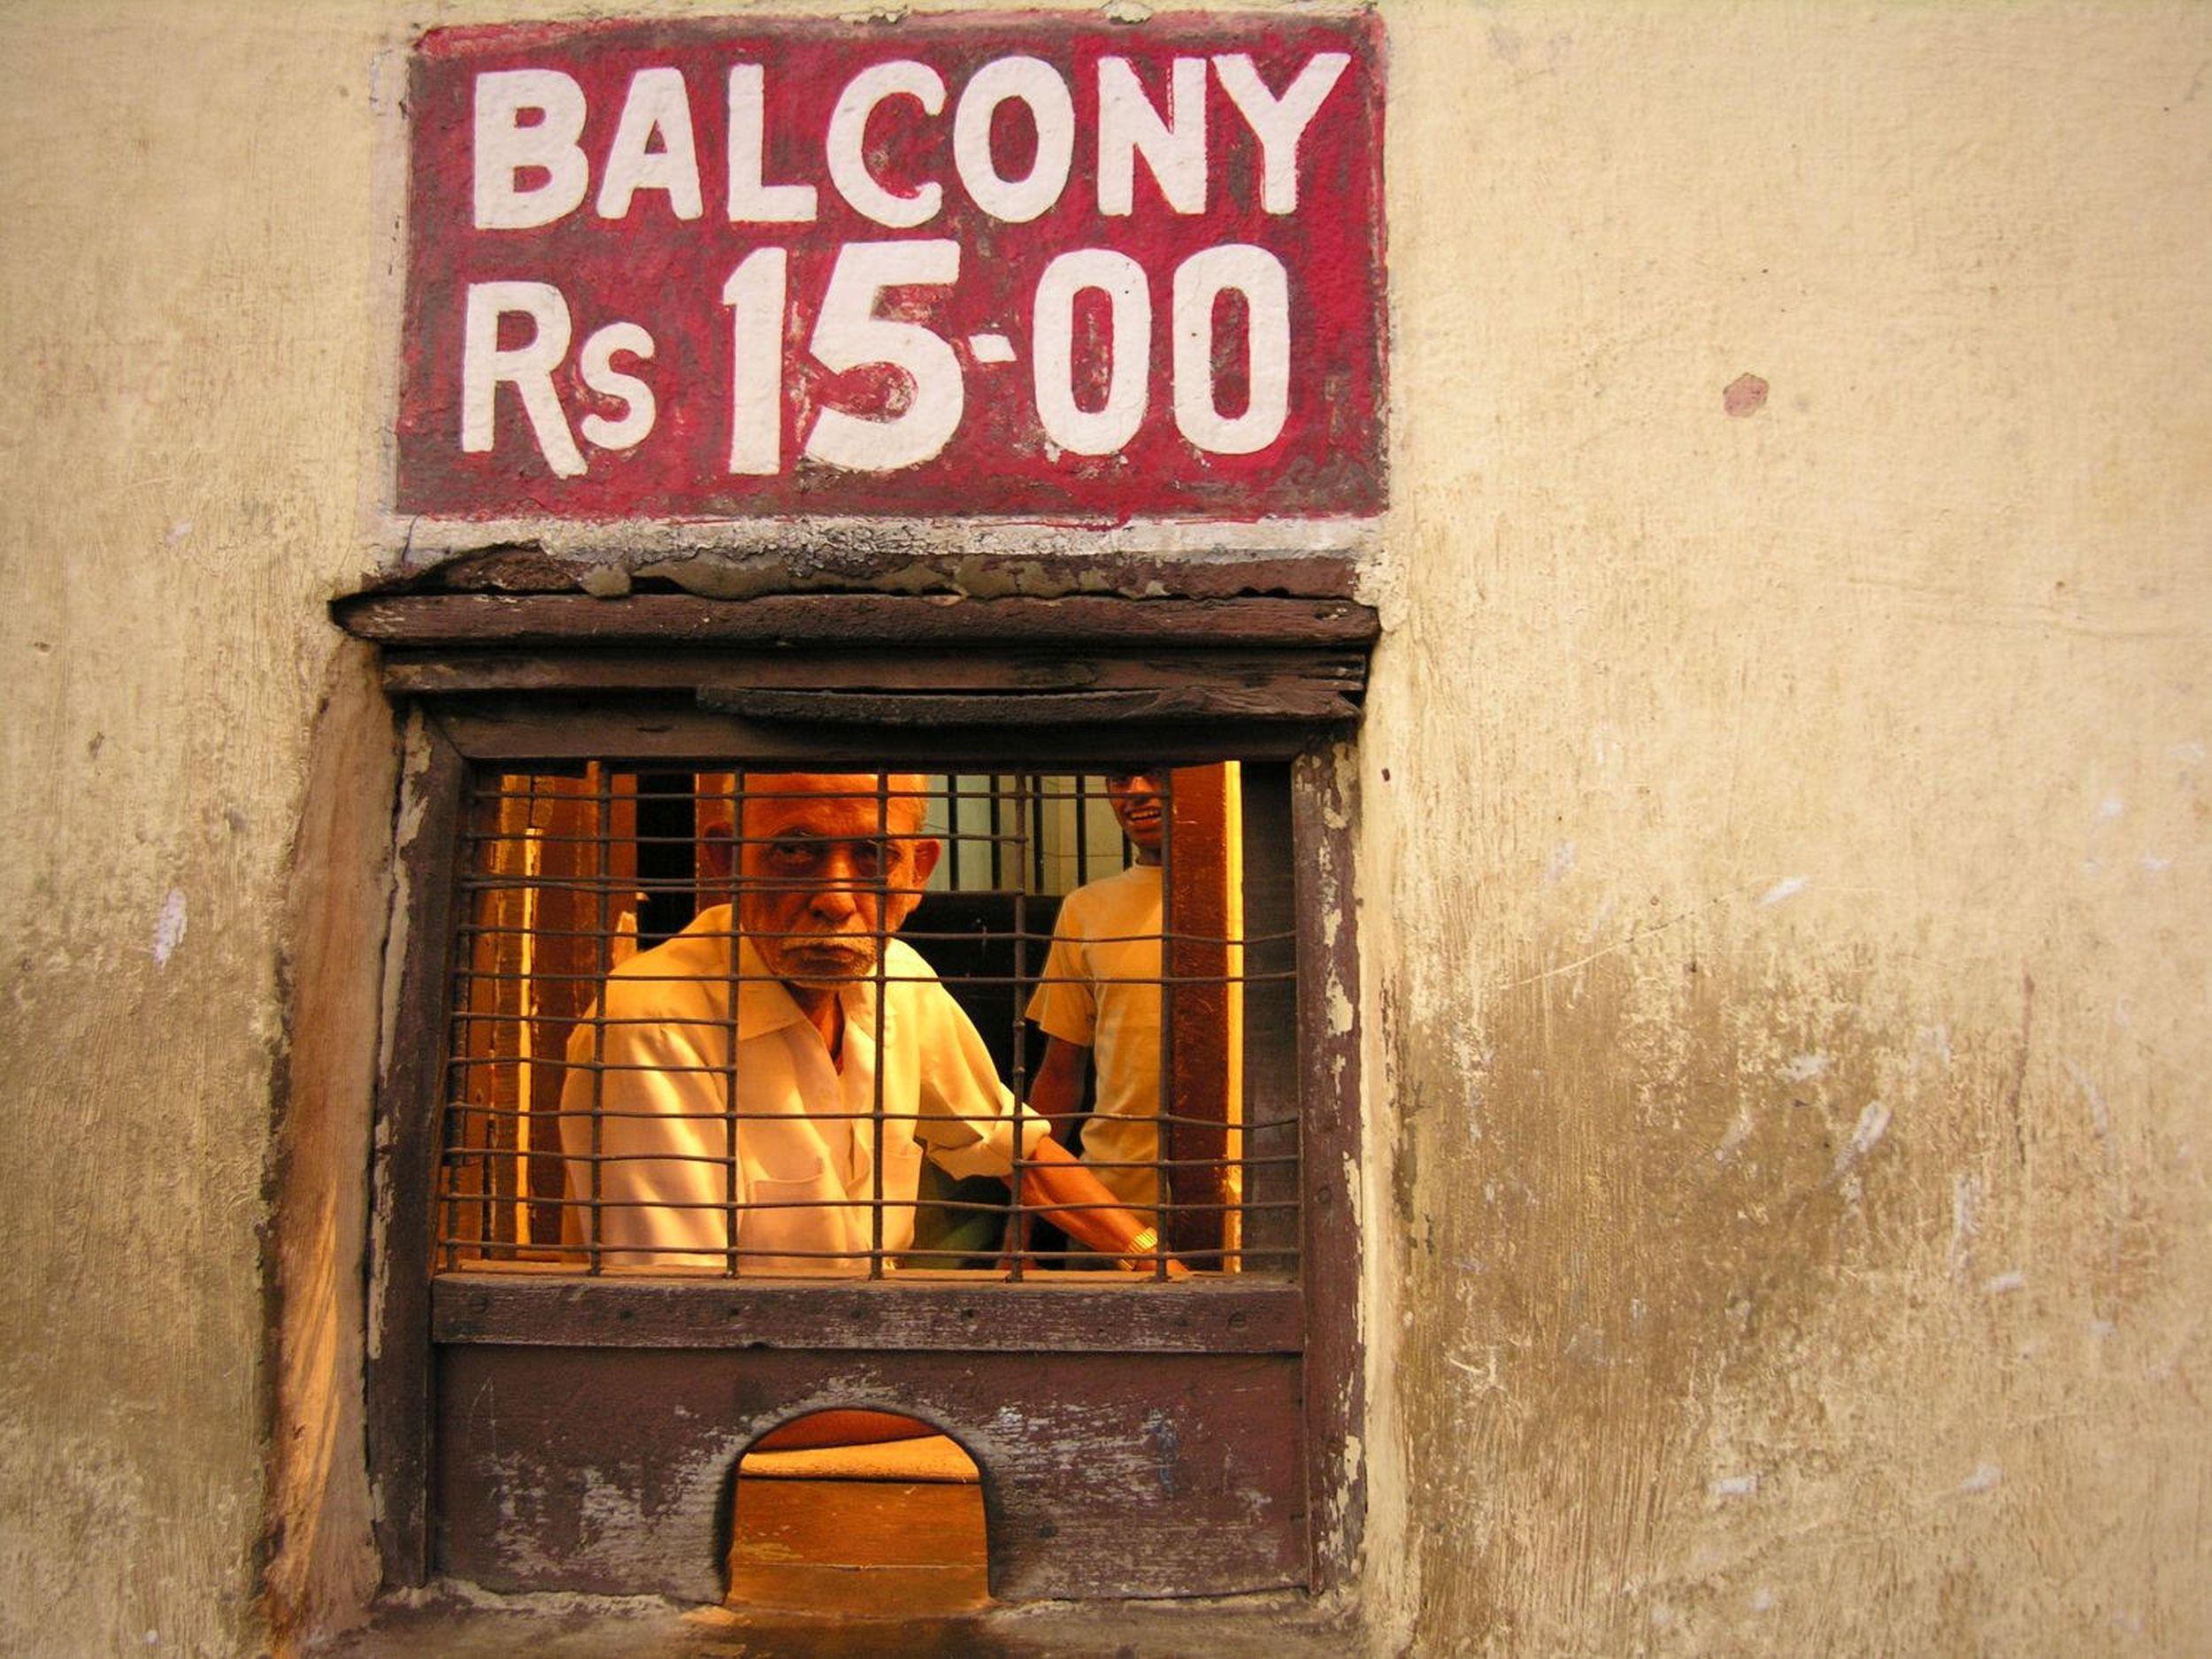 Bombay - Mumbai | India | Bollywood | Cinema | Balcony 15 roupies | ©sandrine cohen